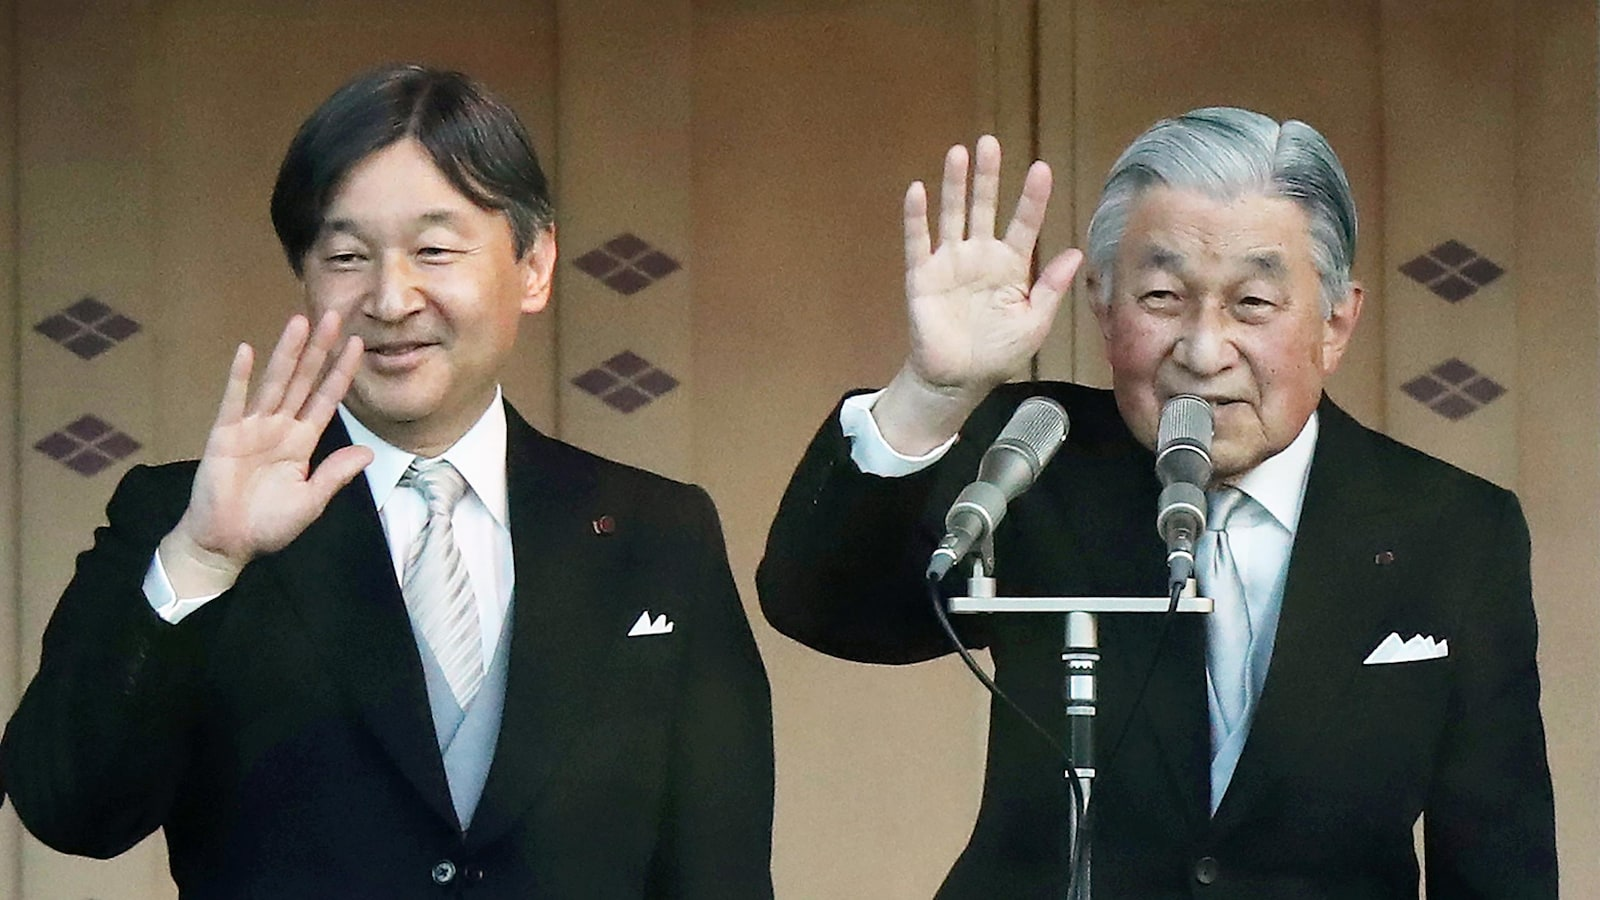 Le prince Naruhito et son père, l'empereur Akihito, lors de la cérémonie du Nouvel An 2019.